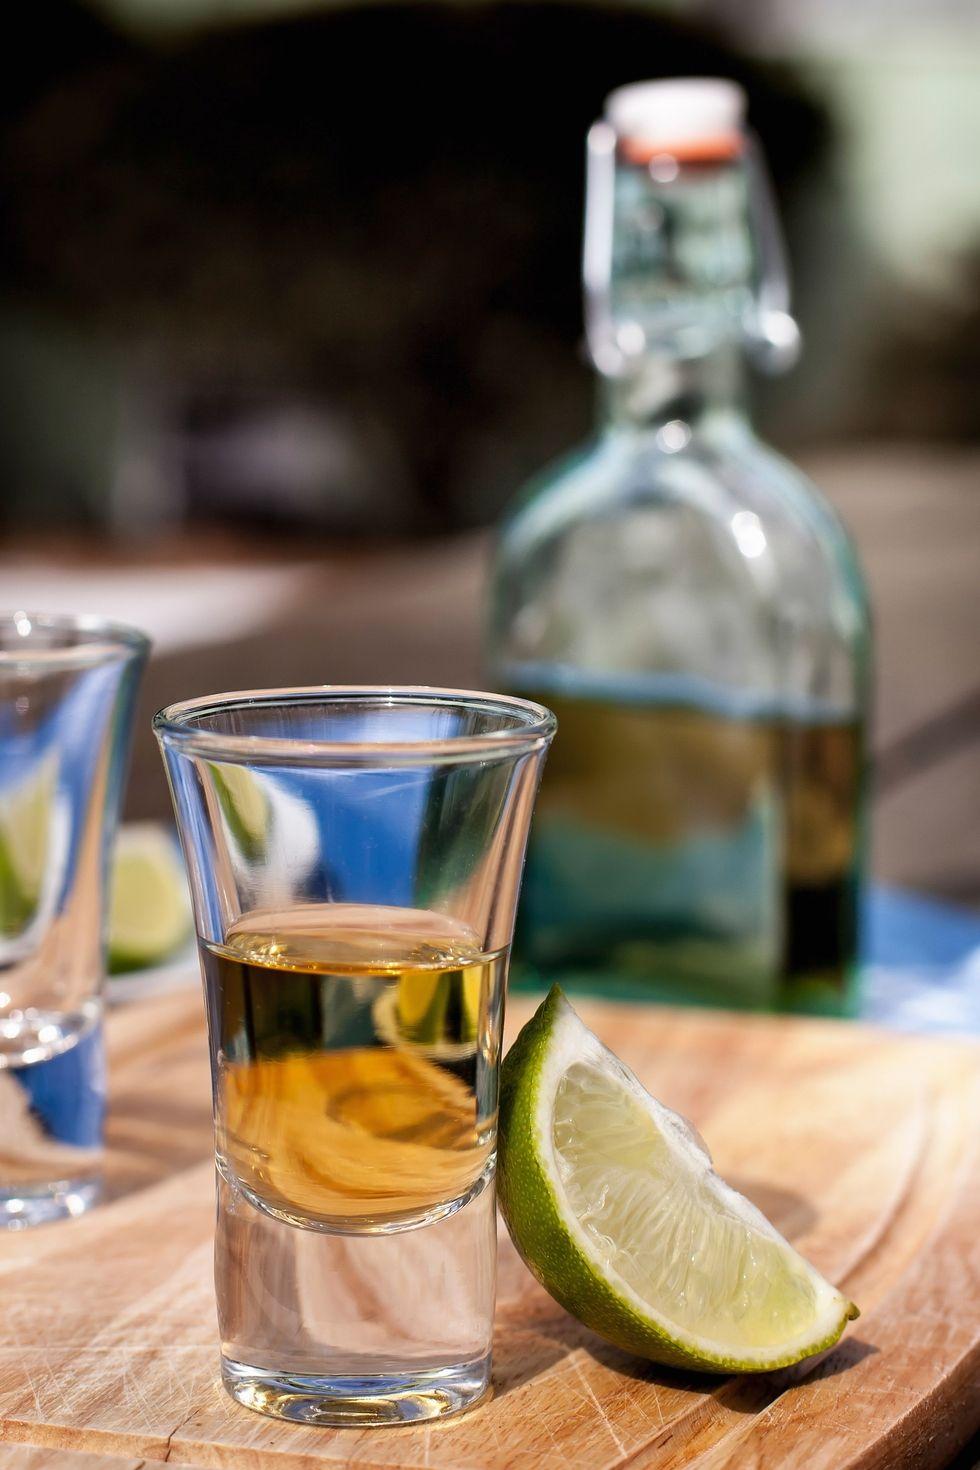 Điểm danh 7 loại thức uống chứa cồn khiến da bạn ngày càng xấu tệ - ELLE Việt Nam